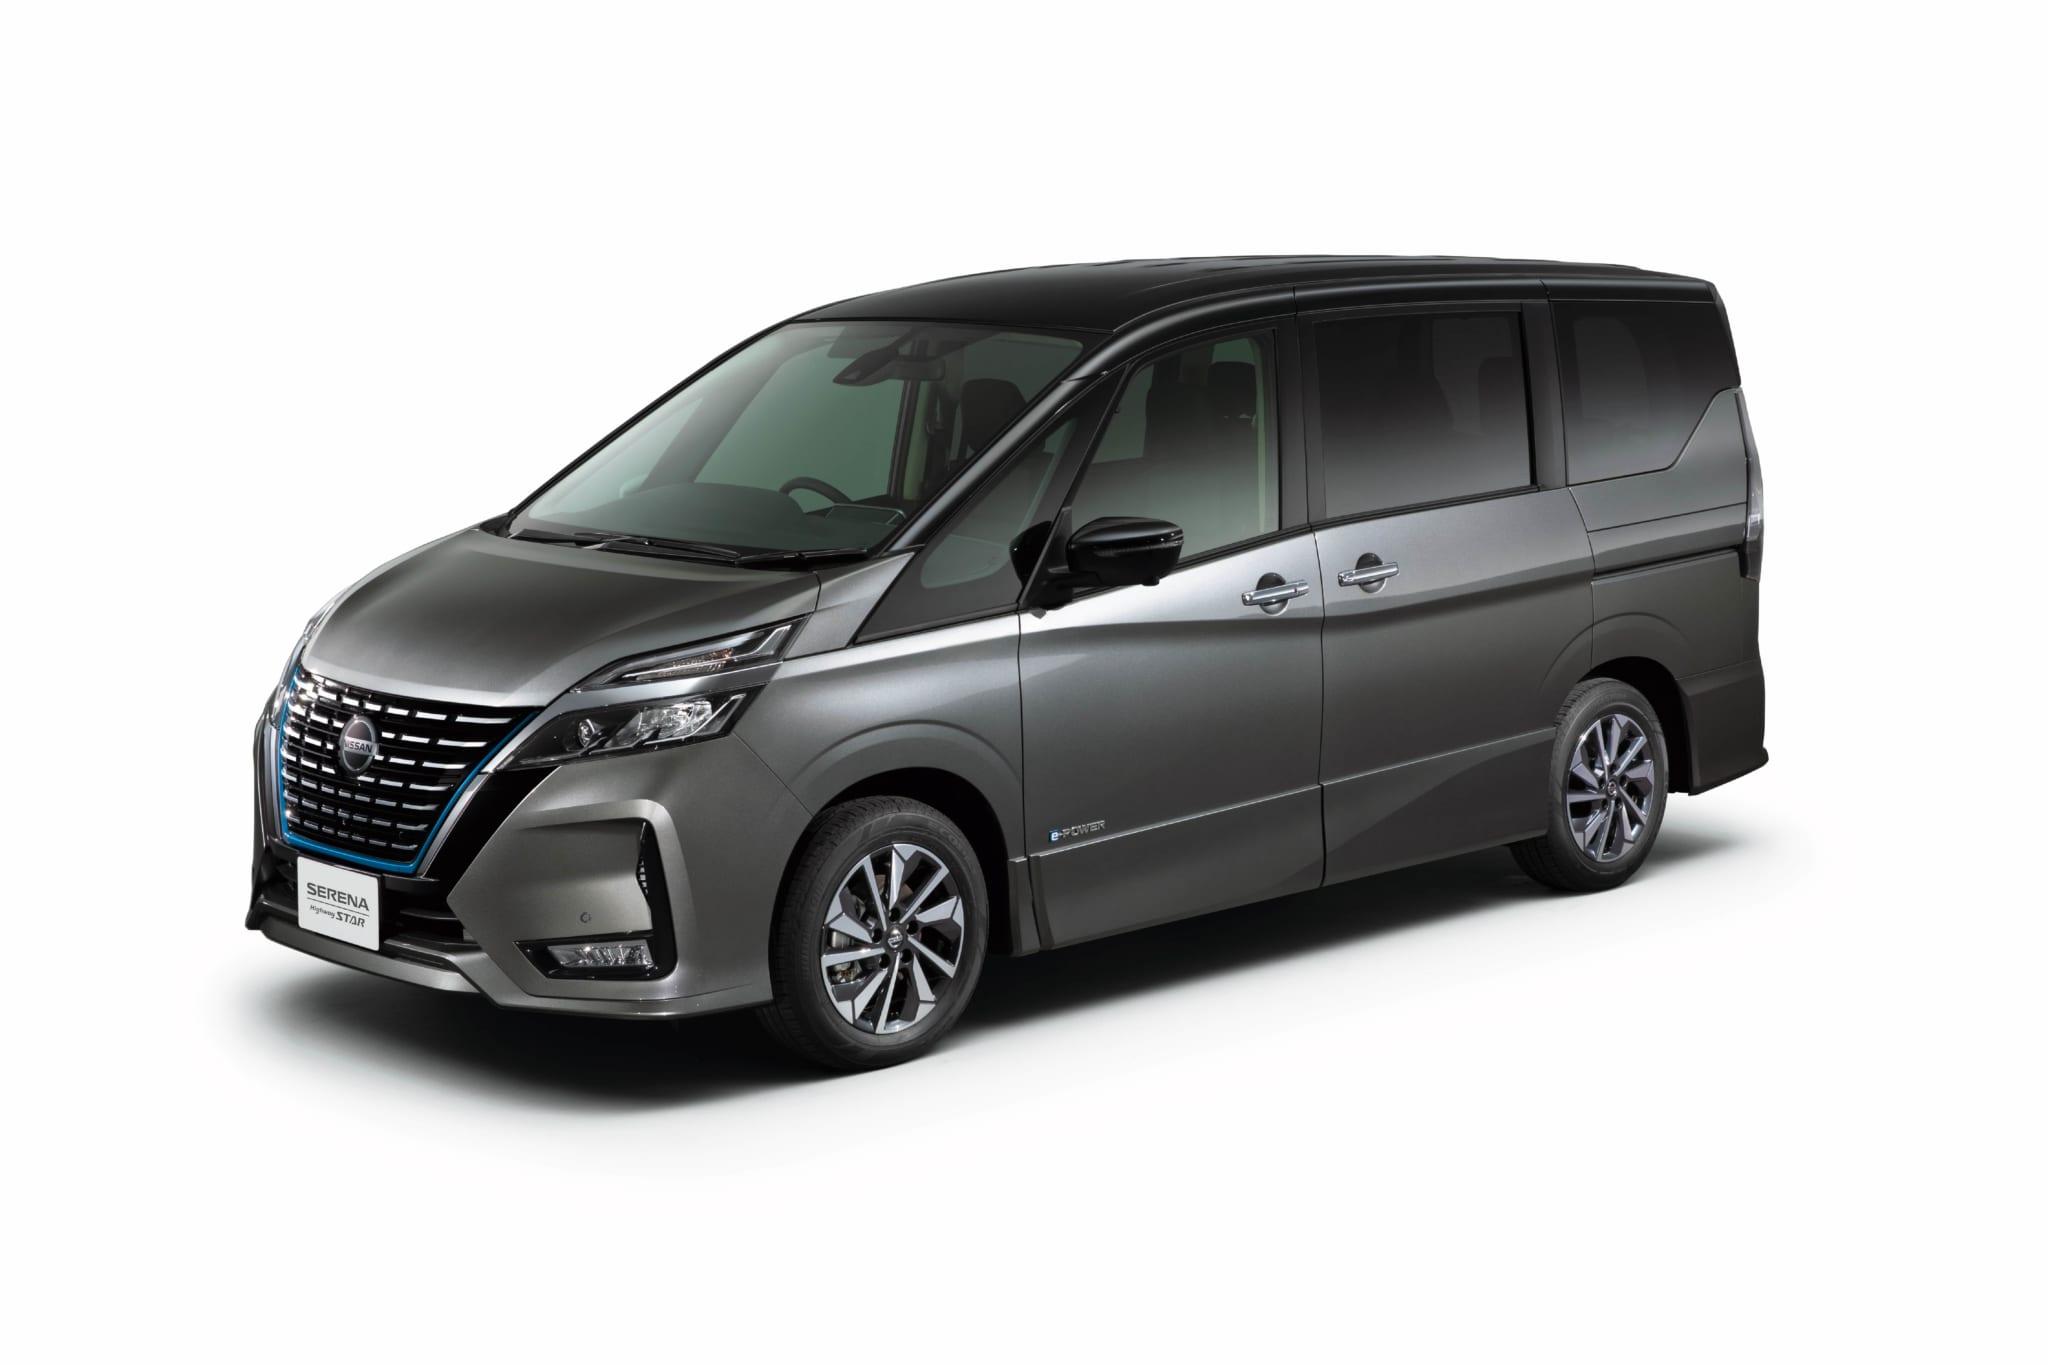 中古車人気ランキング 2019 日産 セレナ